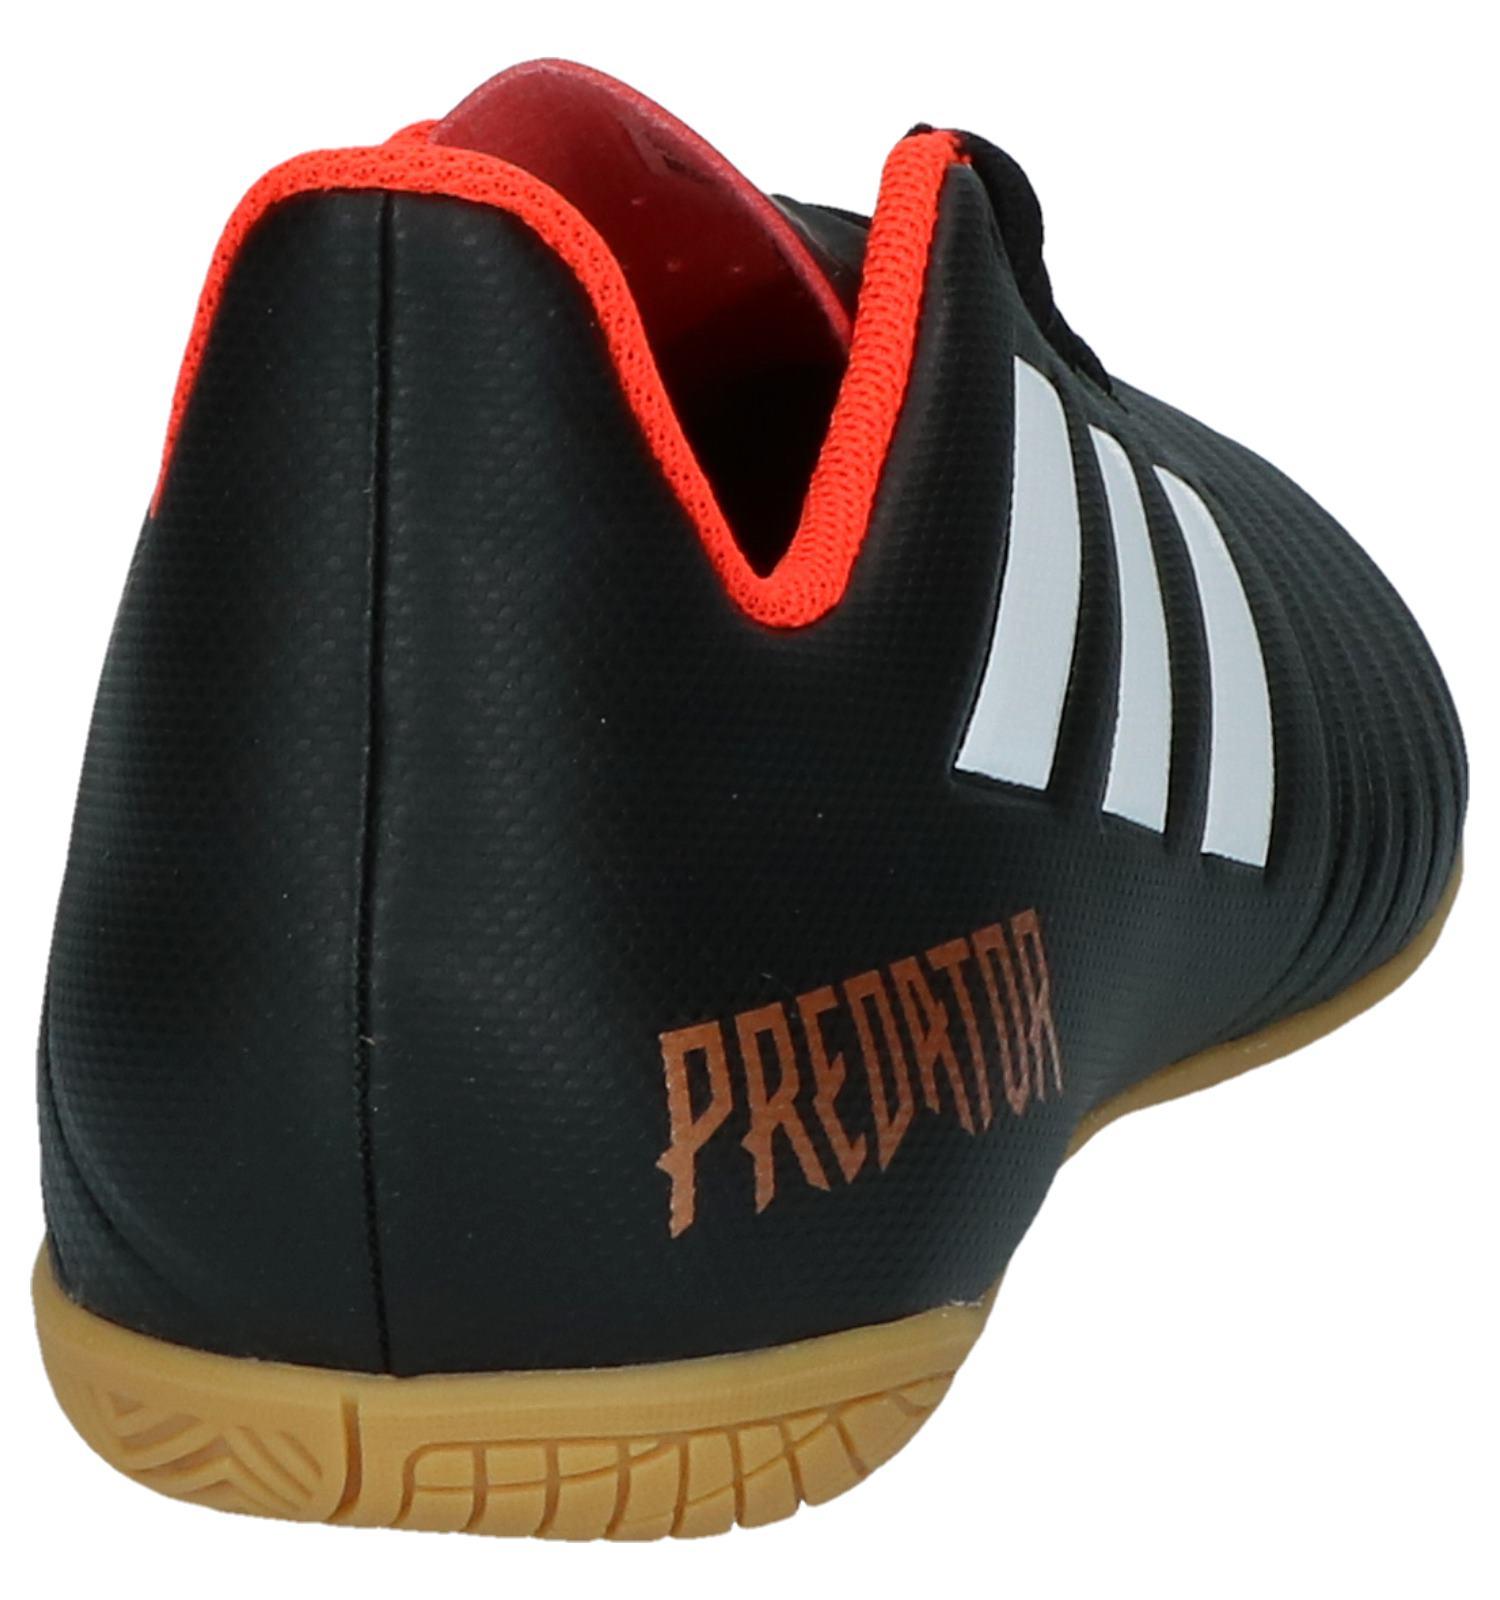 Foot Adidas Livraison be Retour Et Torfs Chaussures noir De gxxRvq